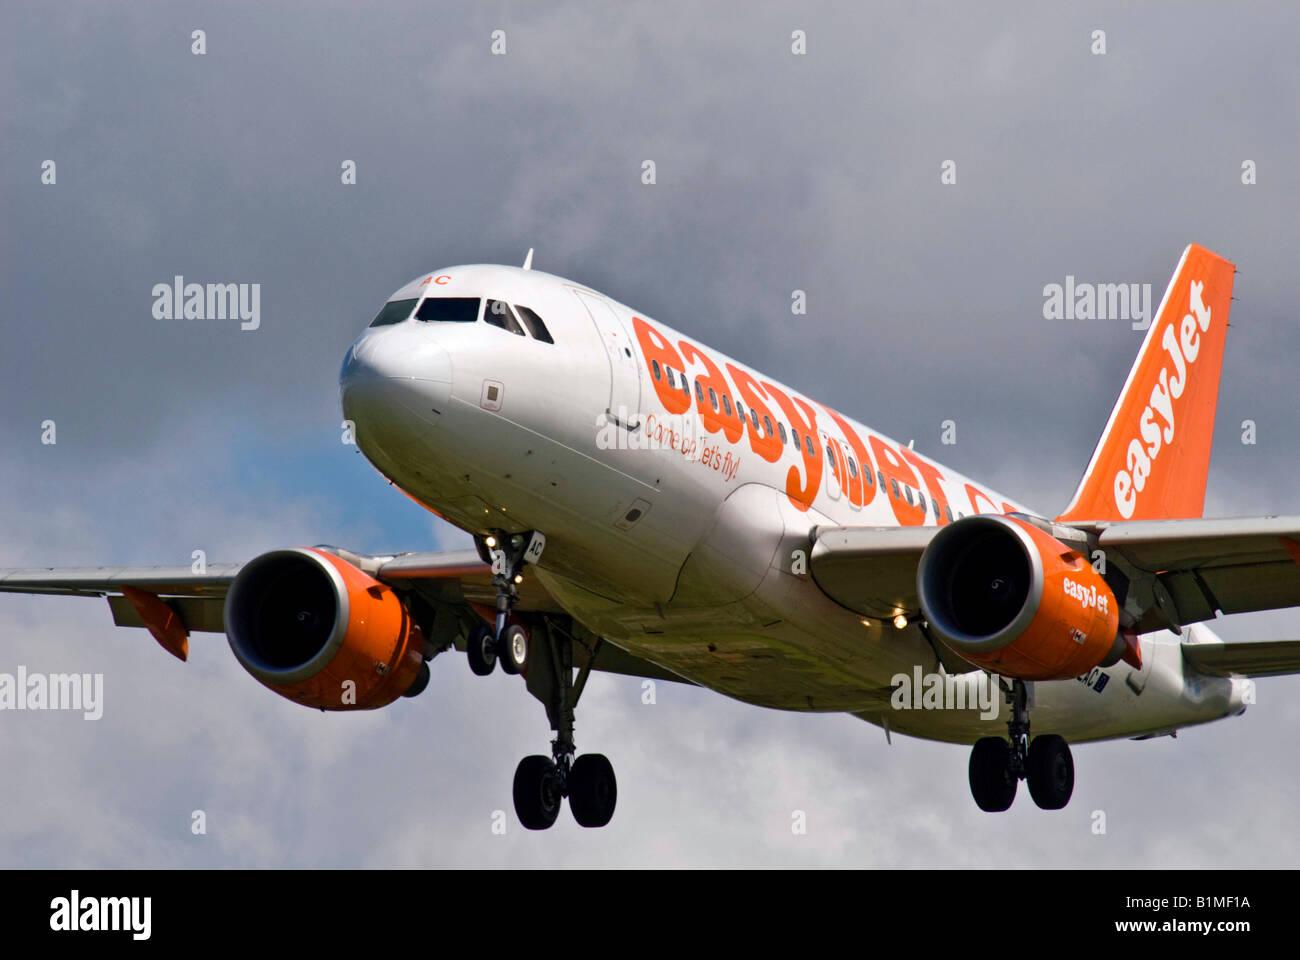 An Easyjet Airbus landing - Stock Image